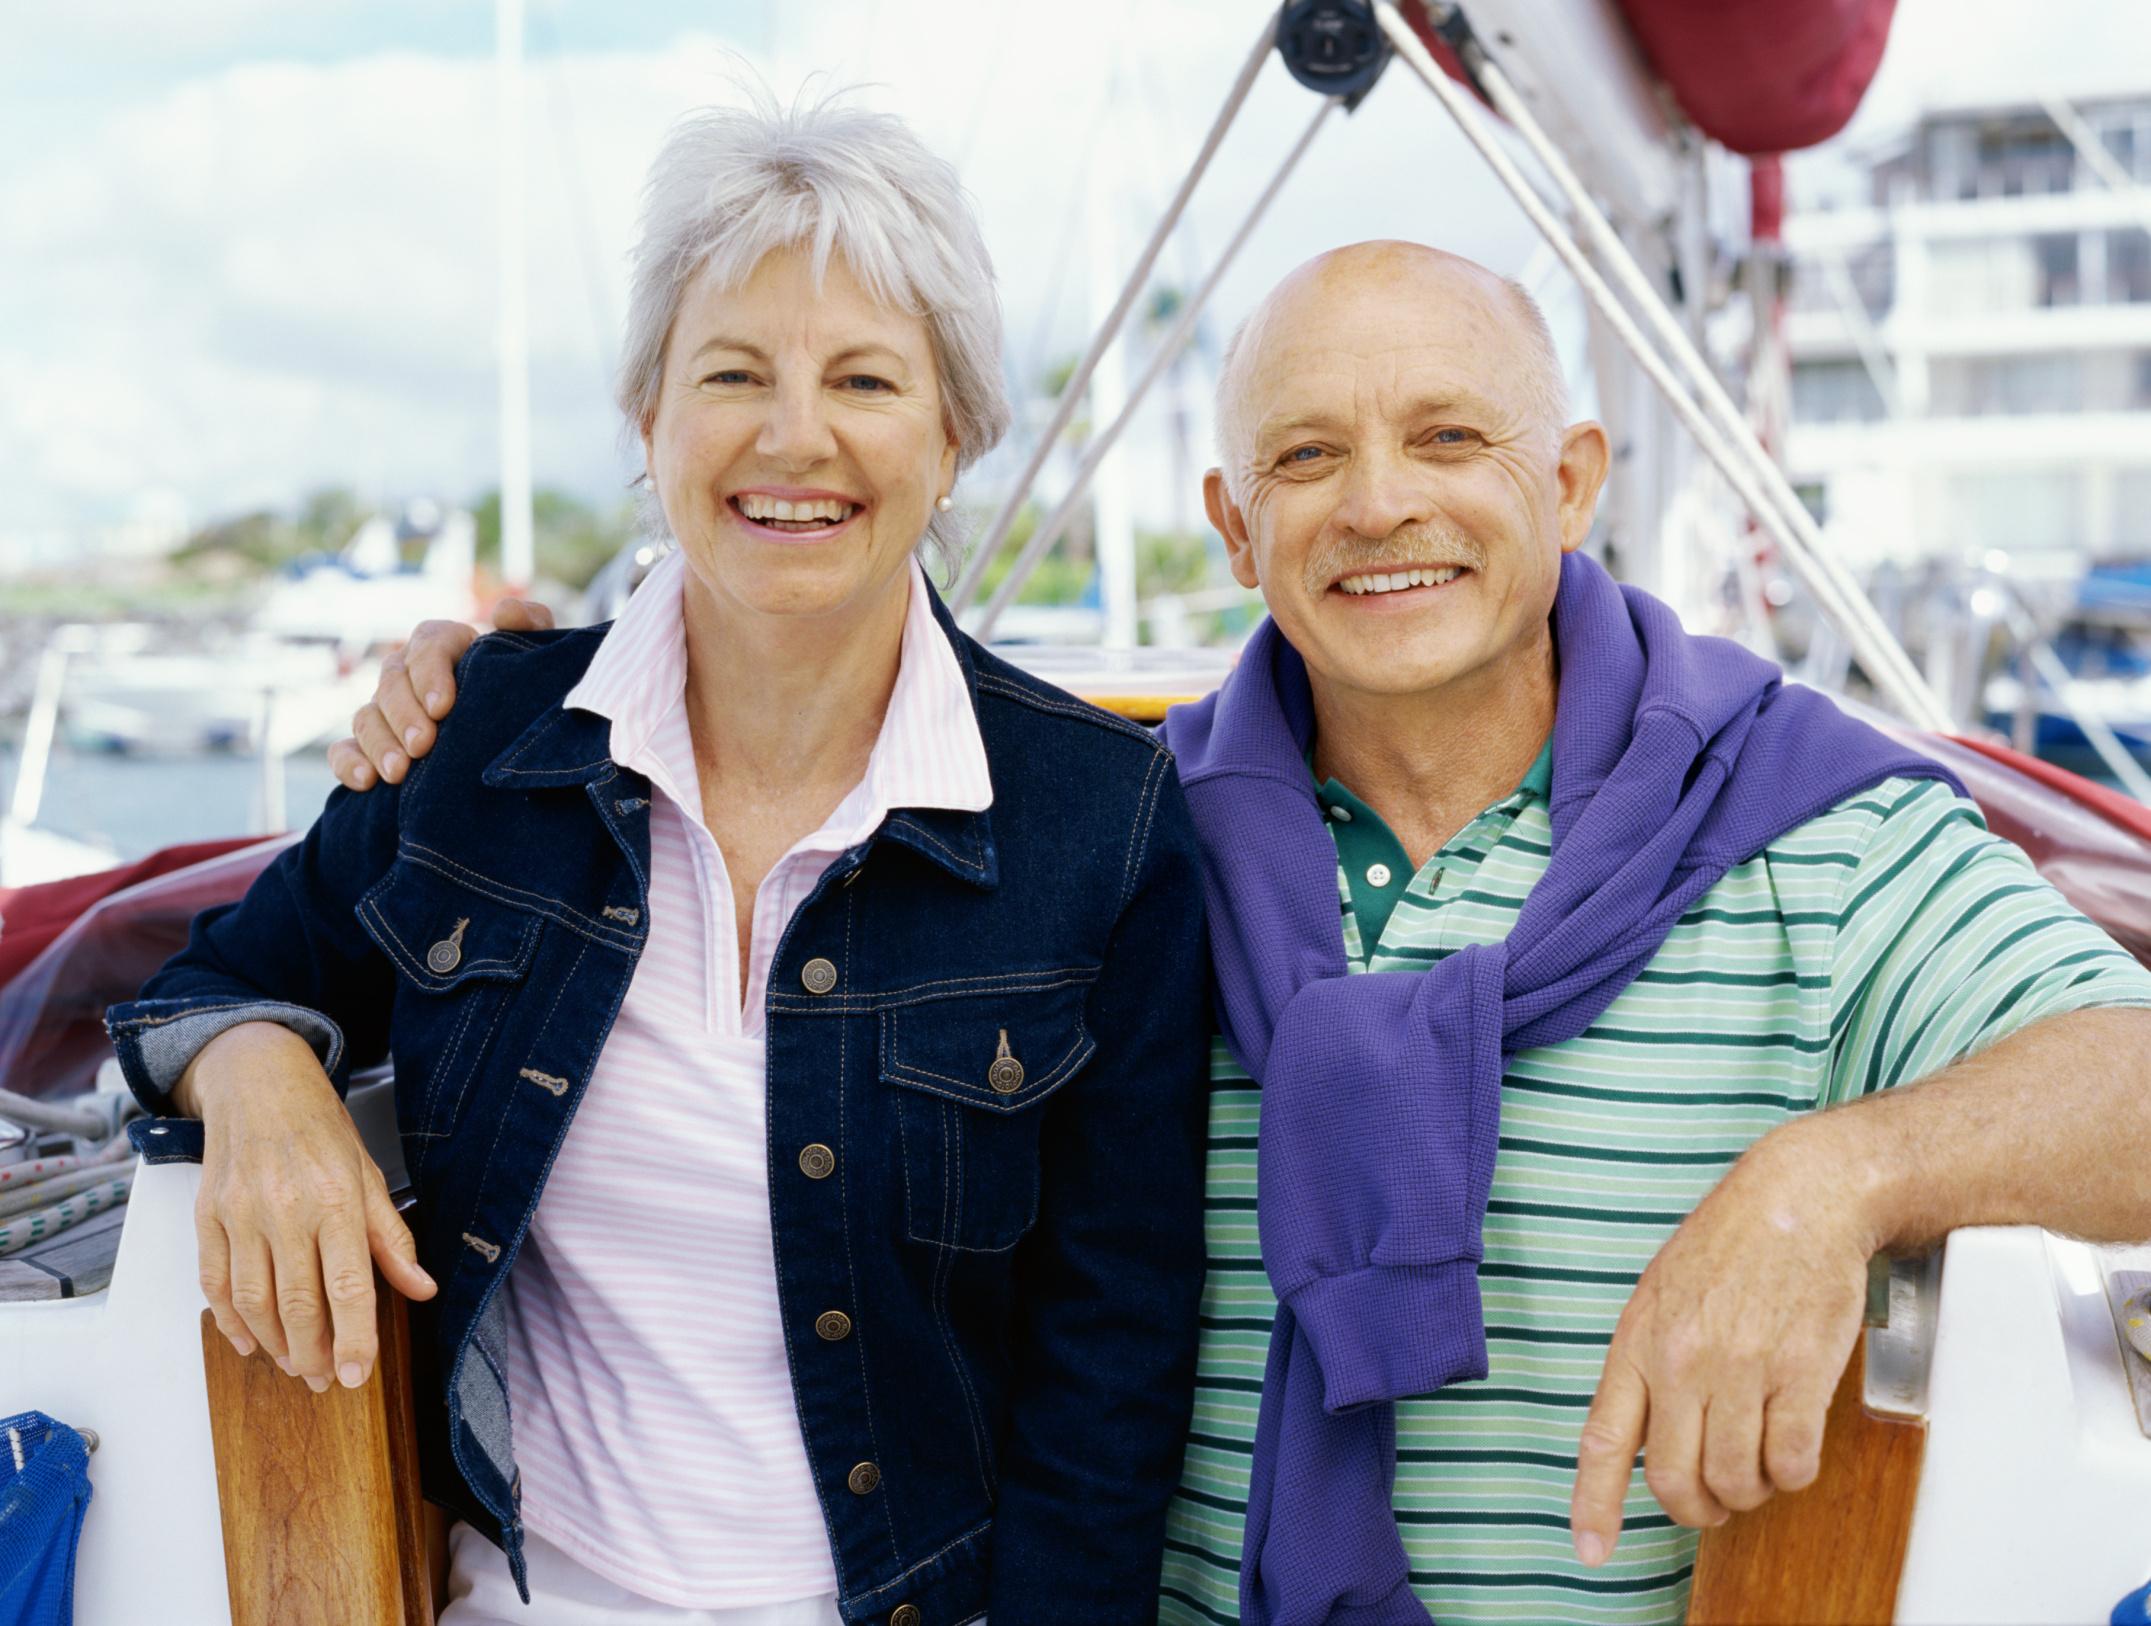 Prendas adecuadas para personas adultas mayores salud180 for Sillon alto para personas mayores